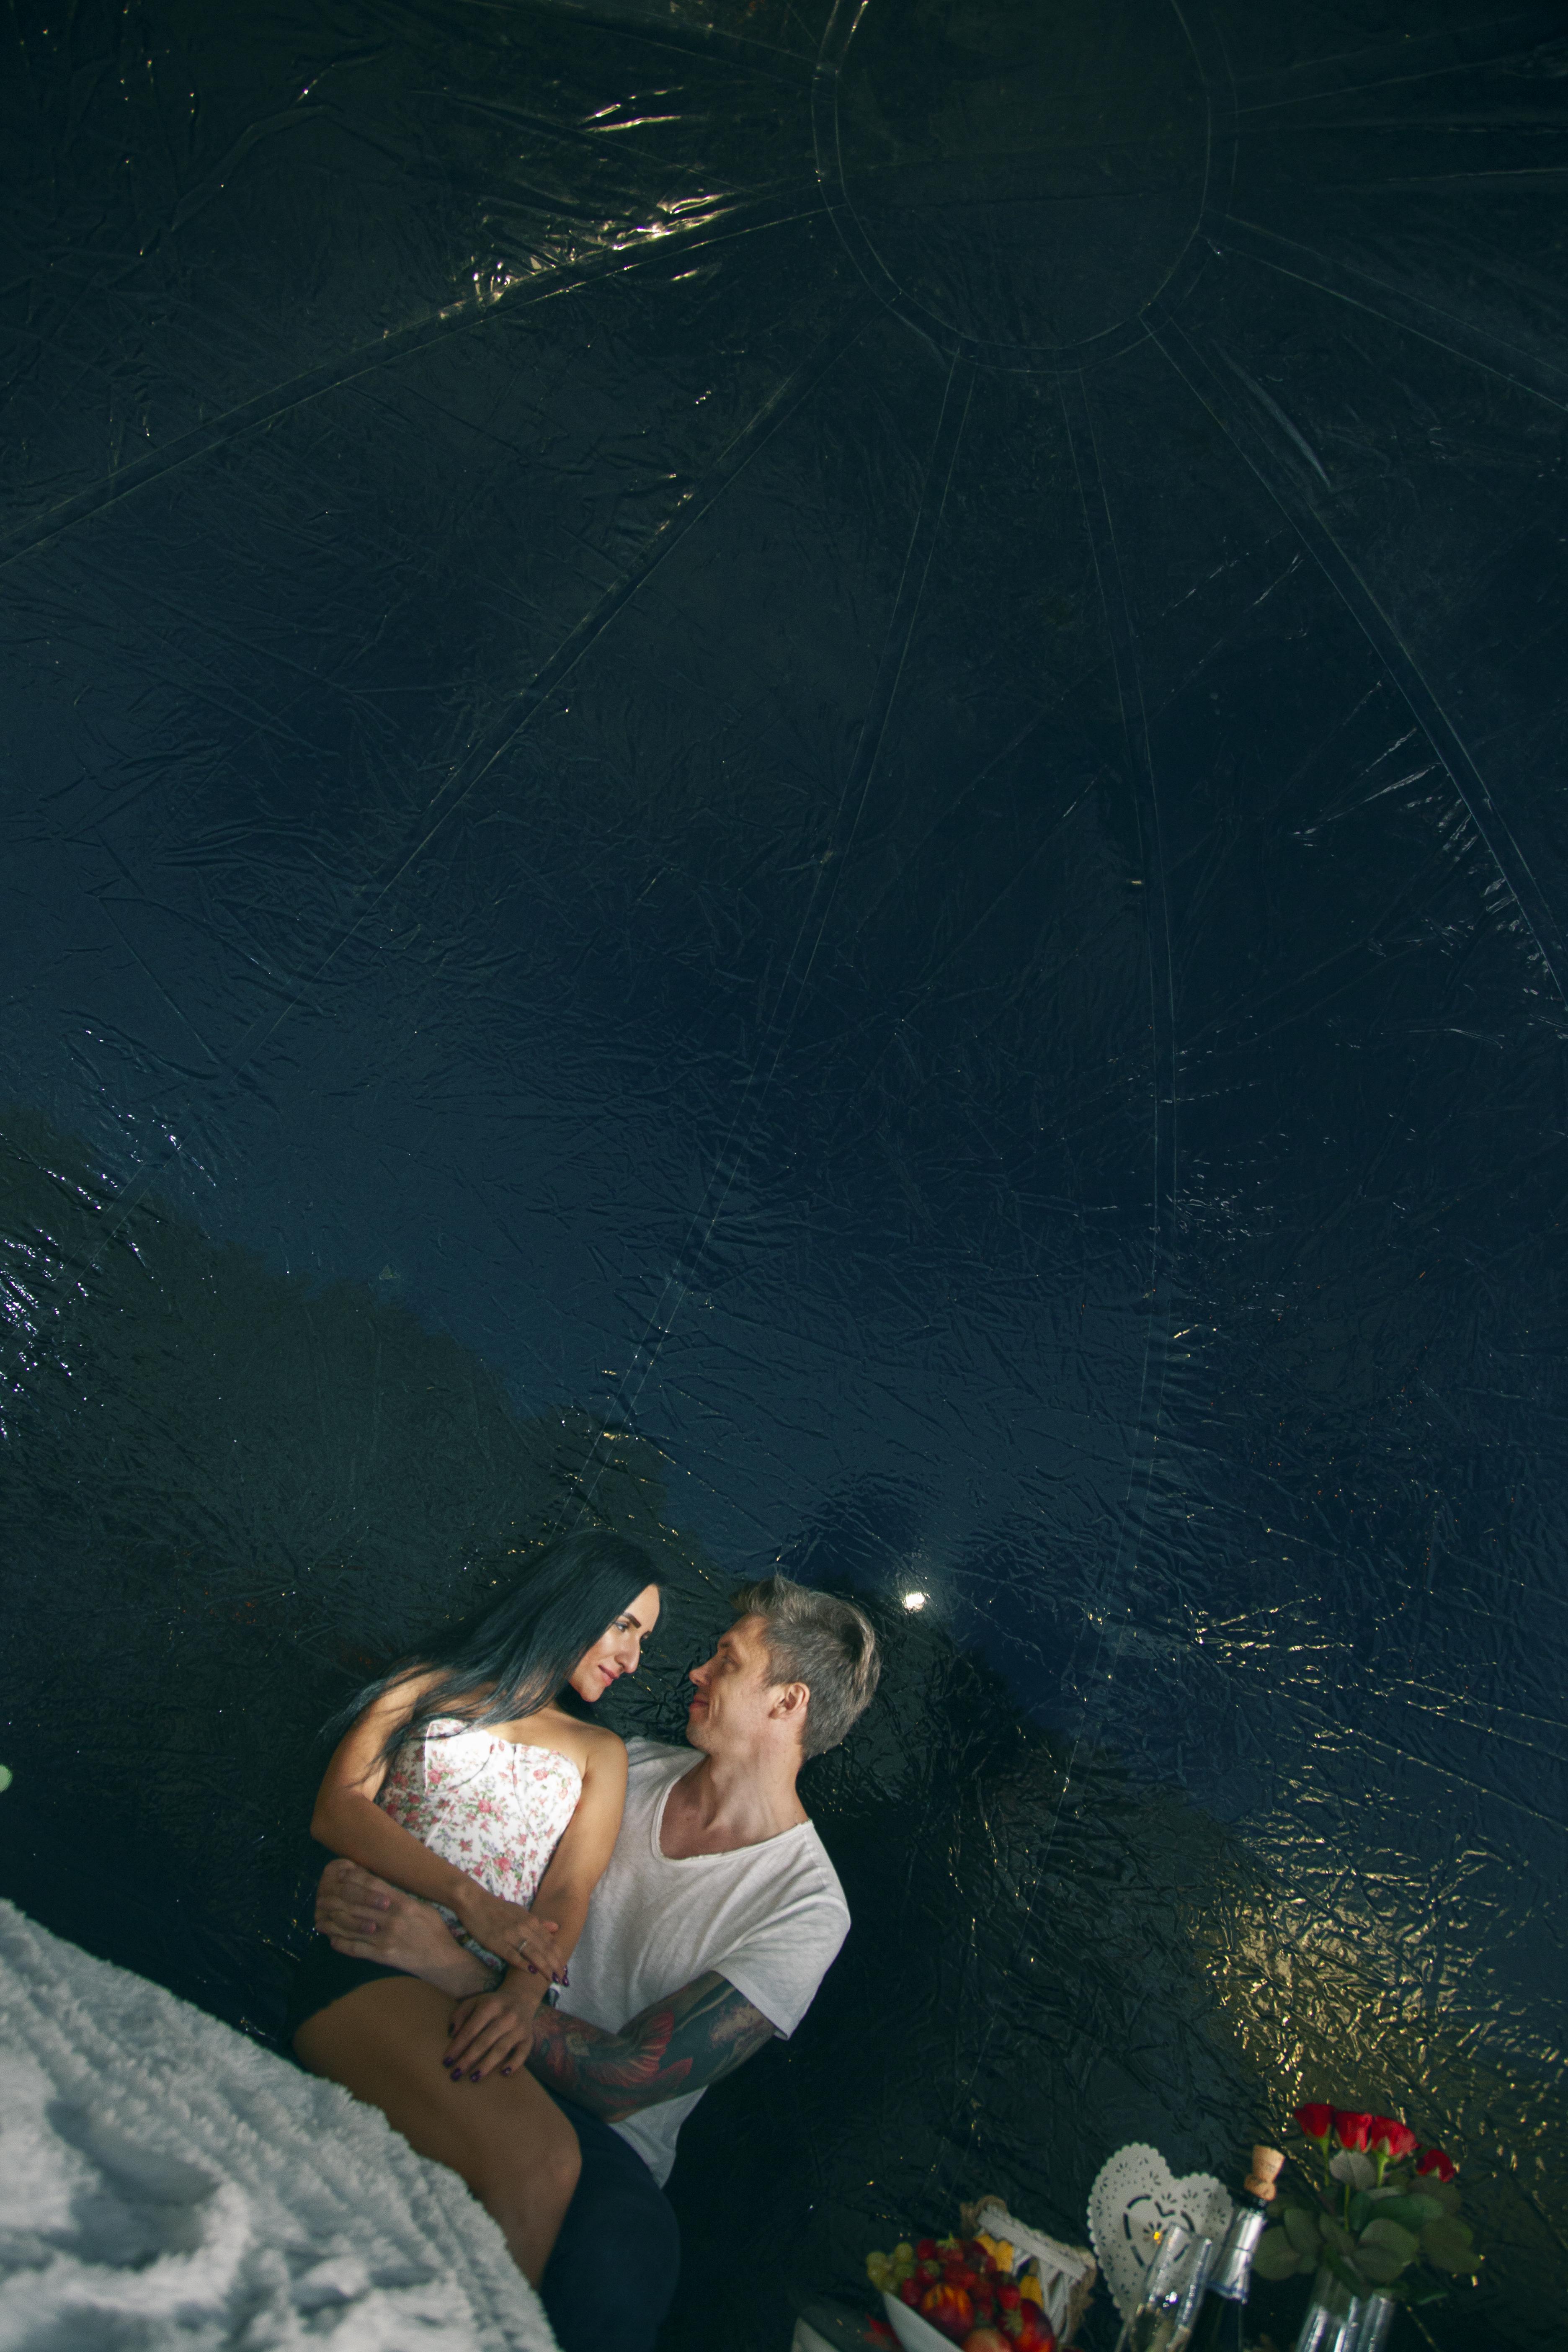 Под звездами в прозрачной сфере, сервис романтики Альтечо (7)